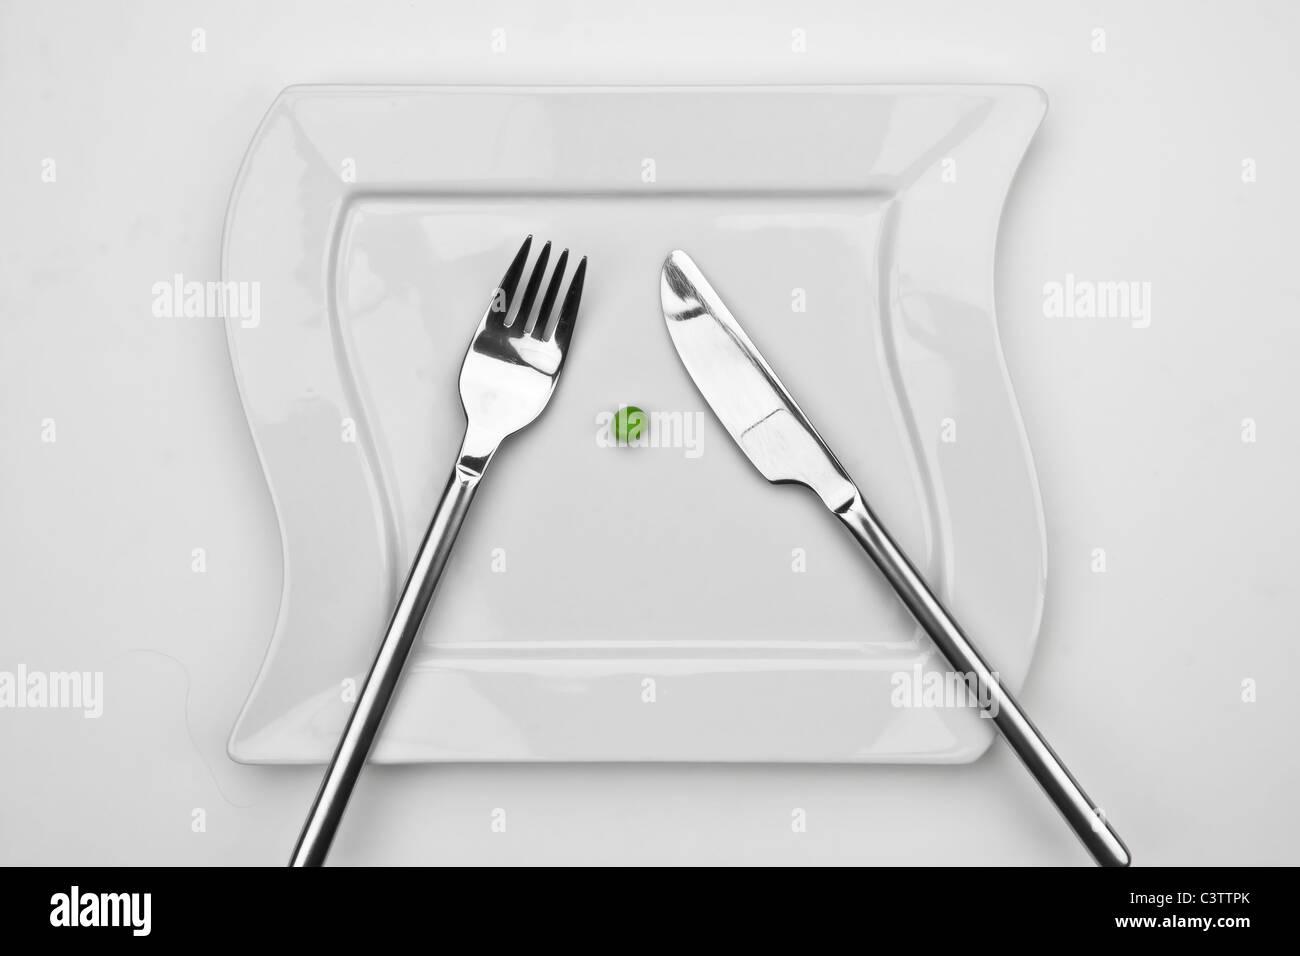 Un petit pois sur une plaque blanche avec fourchette et couteau Photo Stock